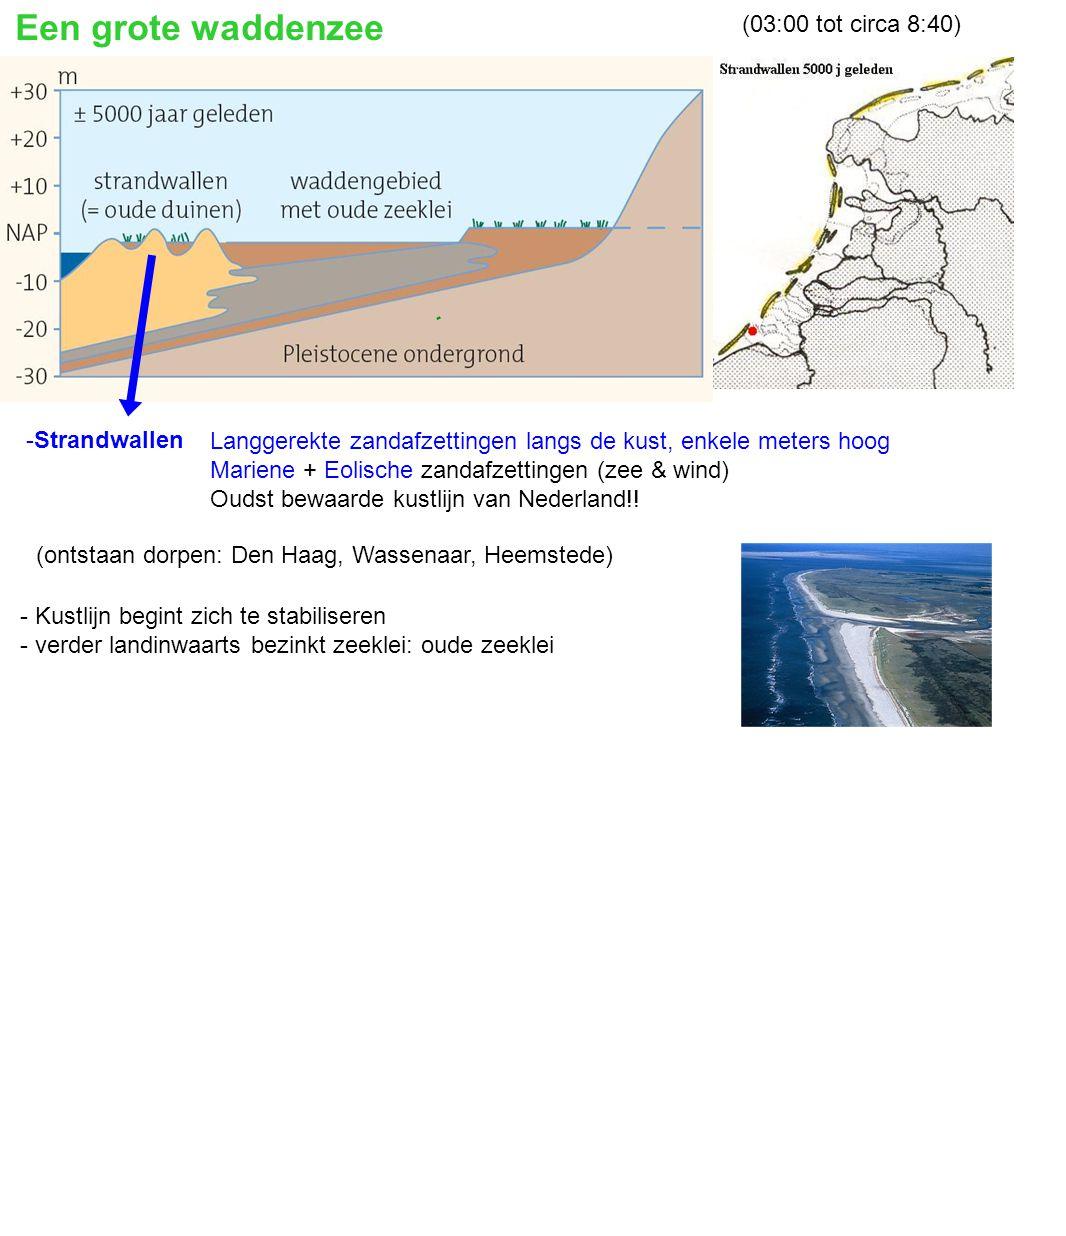 - waddenzee verdwijnt (zee trekt terug= regressie) - kust sluit zich (strandwallen vergroeien) - Afvoeren rivieren lastig naar Noordzee - waddenzee wordt zoetwatermoeras - Hollandveen op oude zeeklei Nederland raakt overveend.